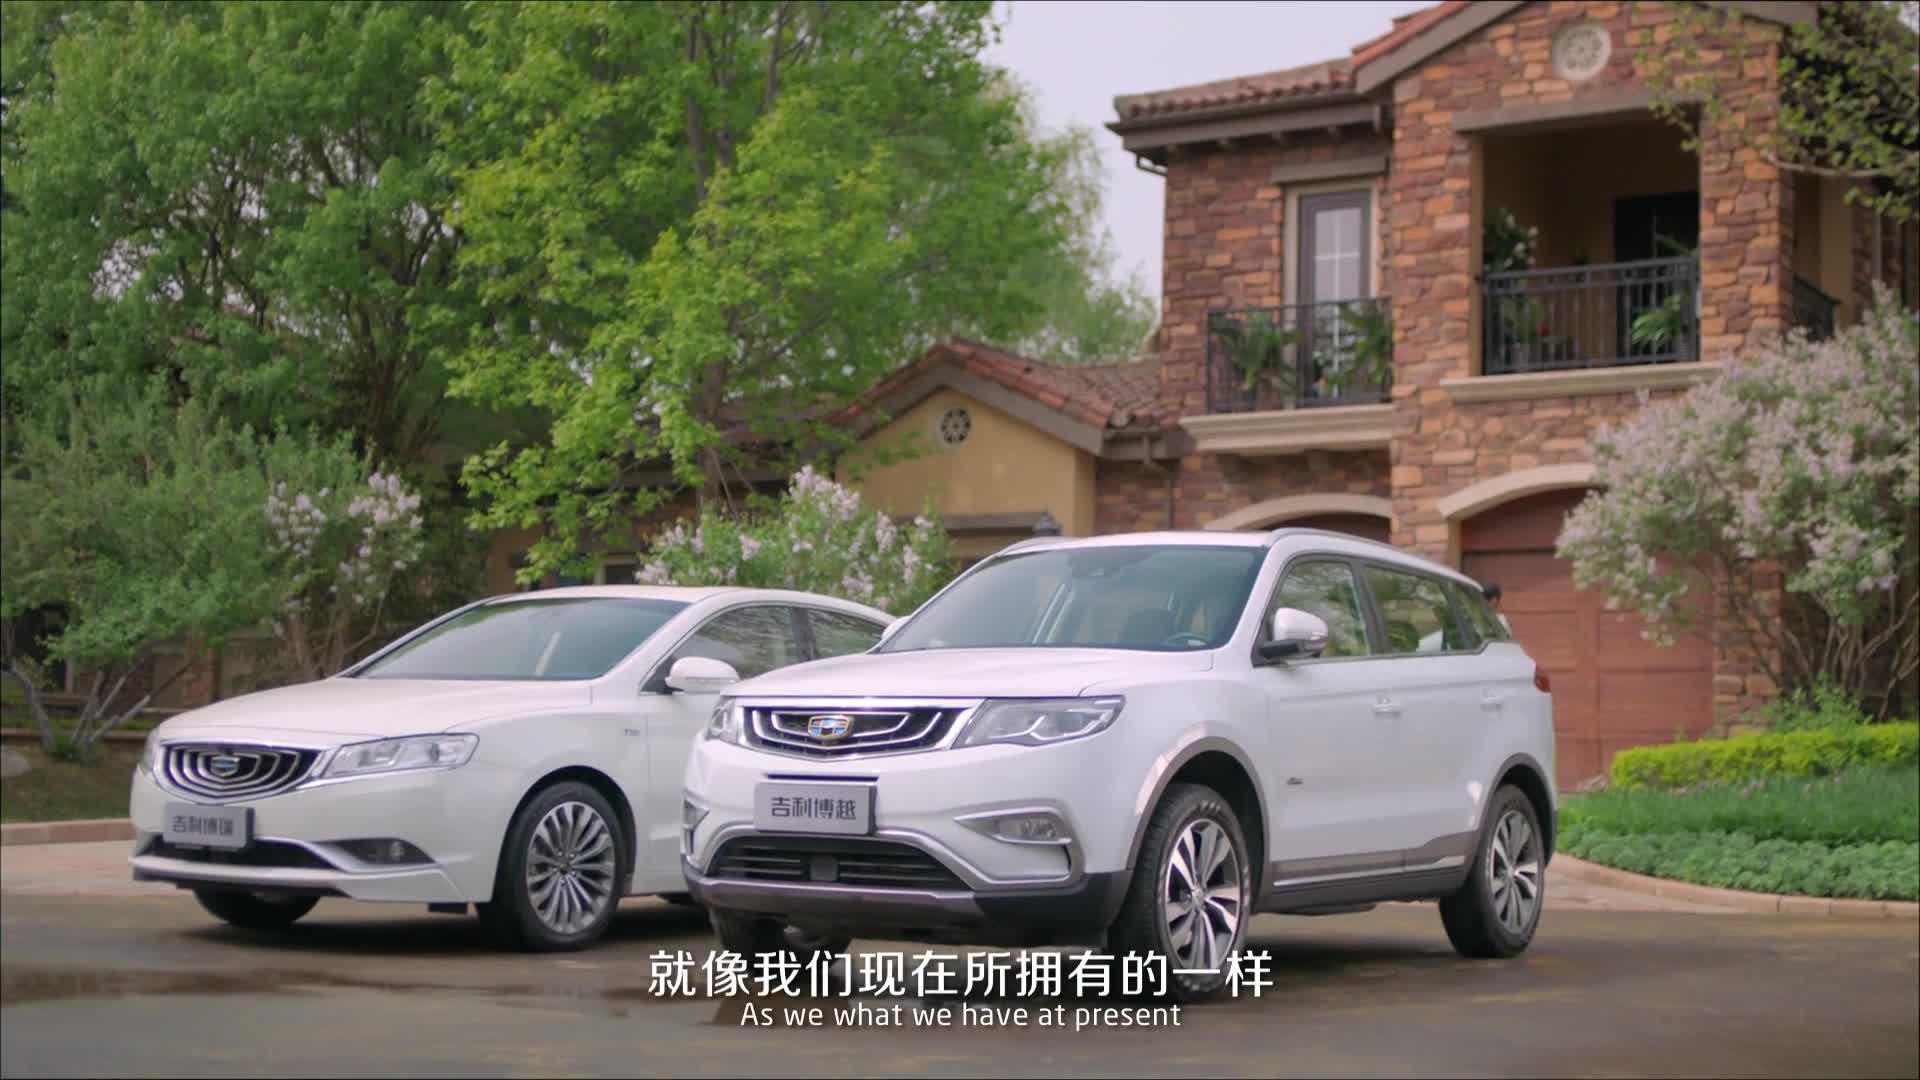 吉利汽车 -《iNTEC》- 北京莲雾广告有限公司制作